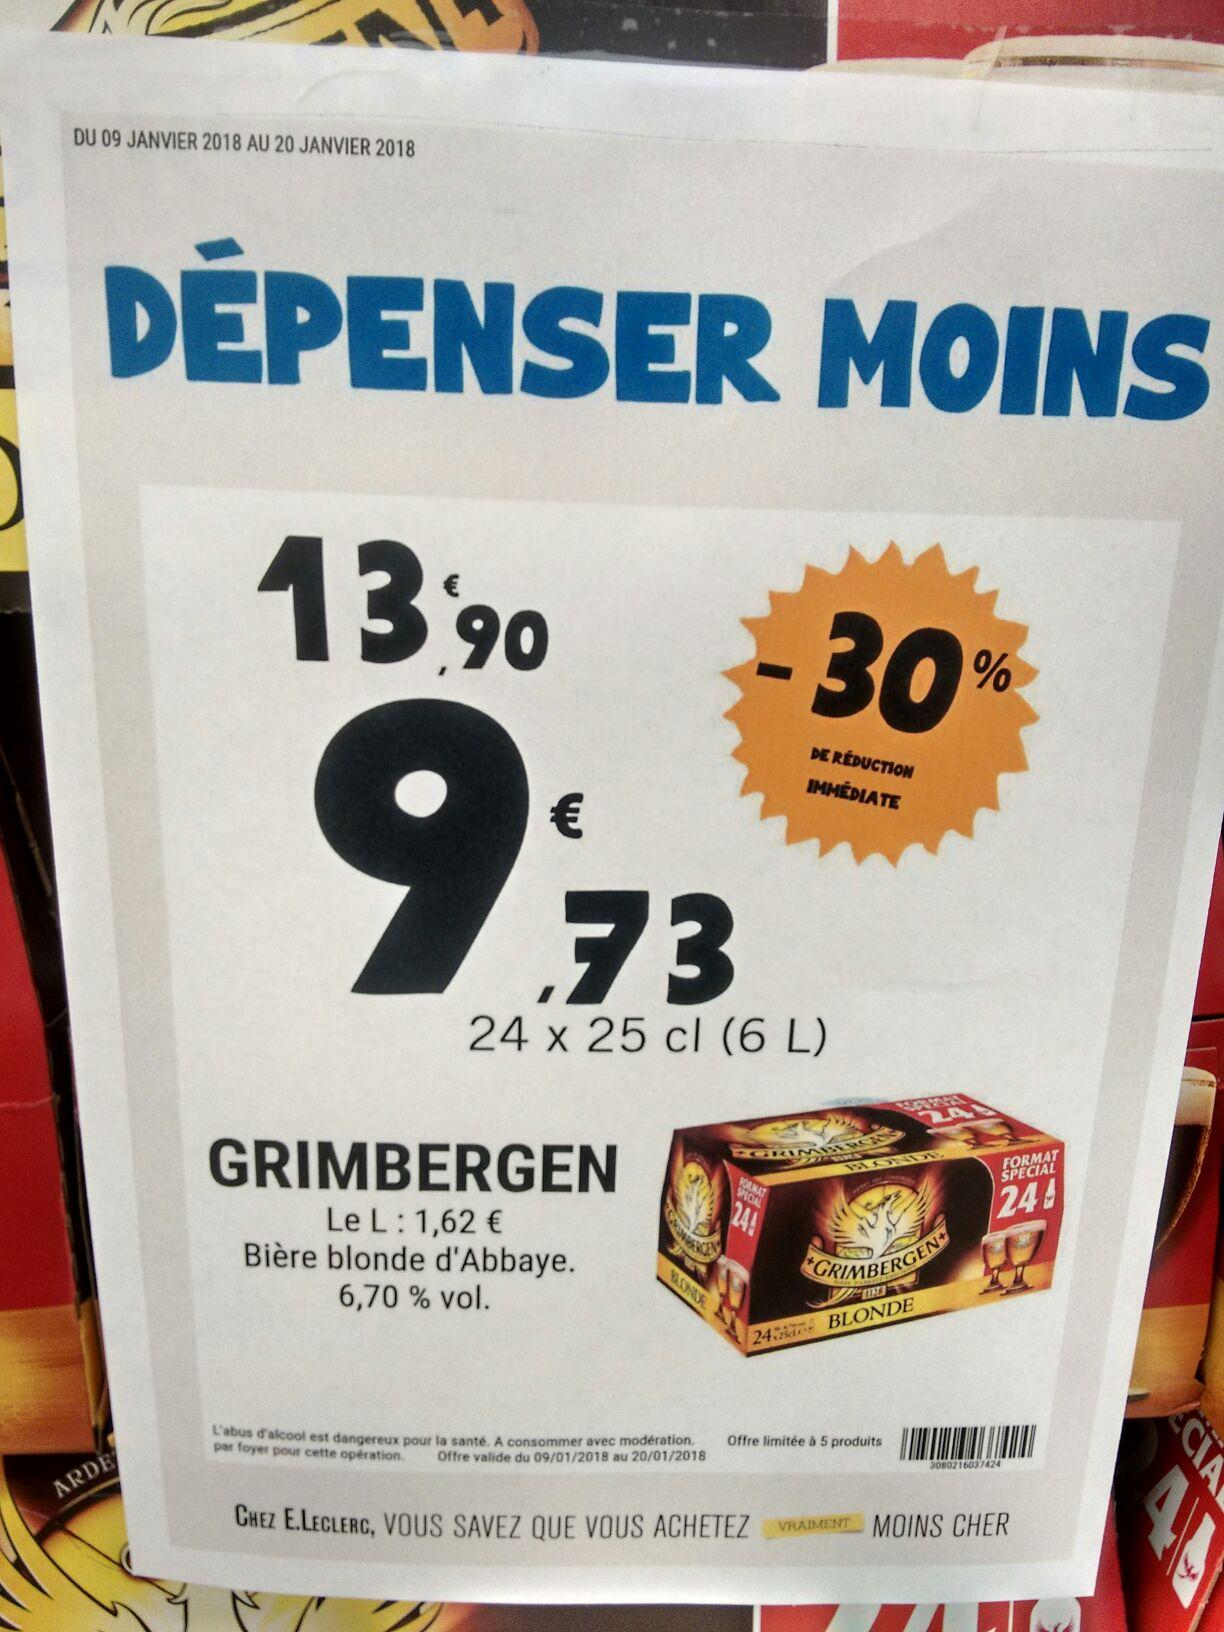 Pack de 24 Bières Grimbergen - 24x25 cl